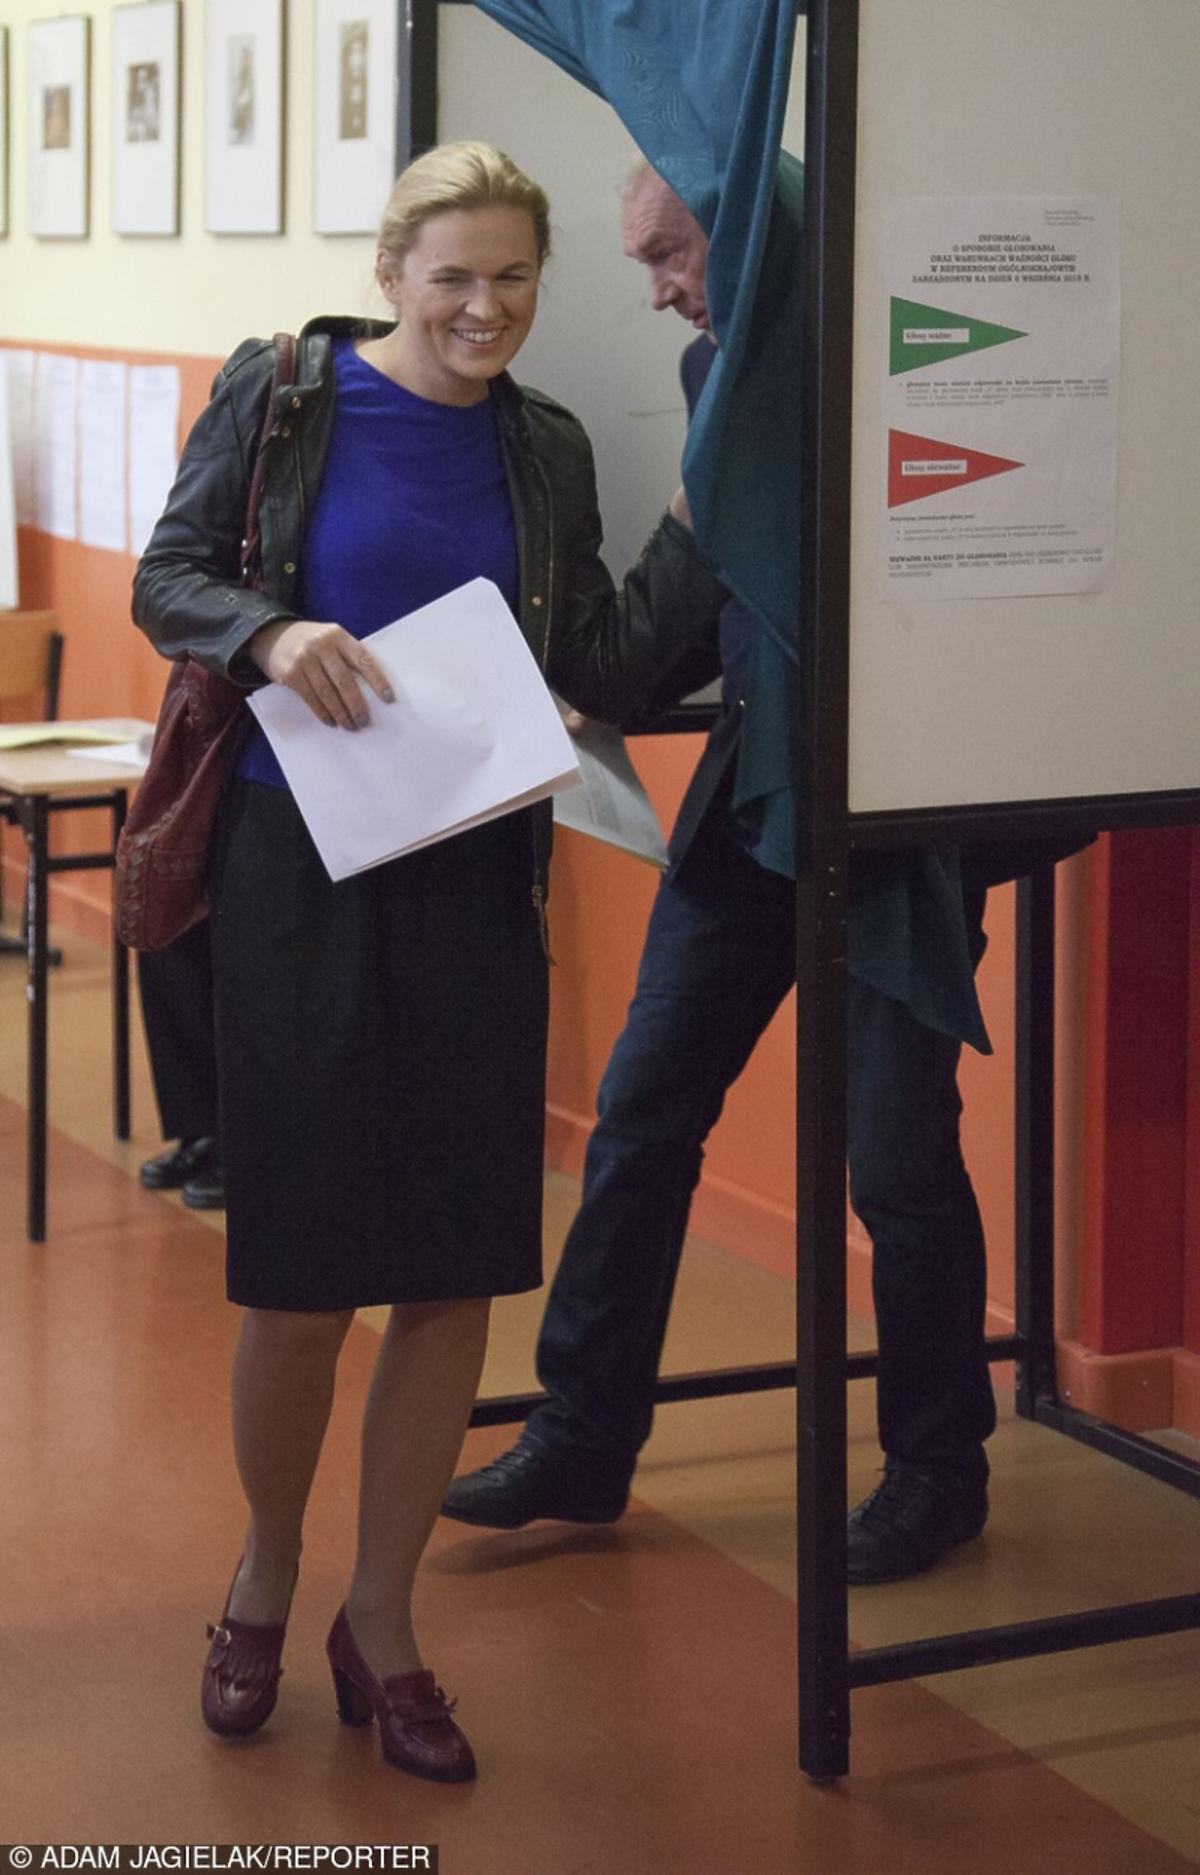 Barbara Nowacka w kobaltowej bluzce i skórzanej kurtce trzyma kartę do głosowania w wyborach parlamentarnych 2015